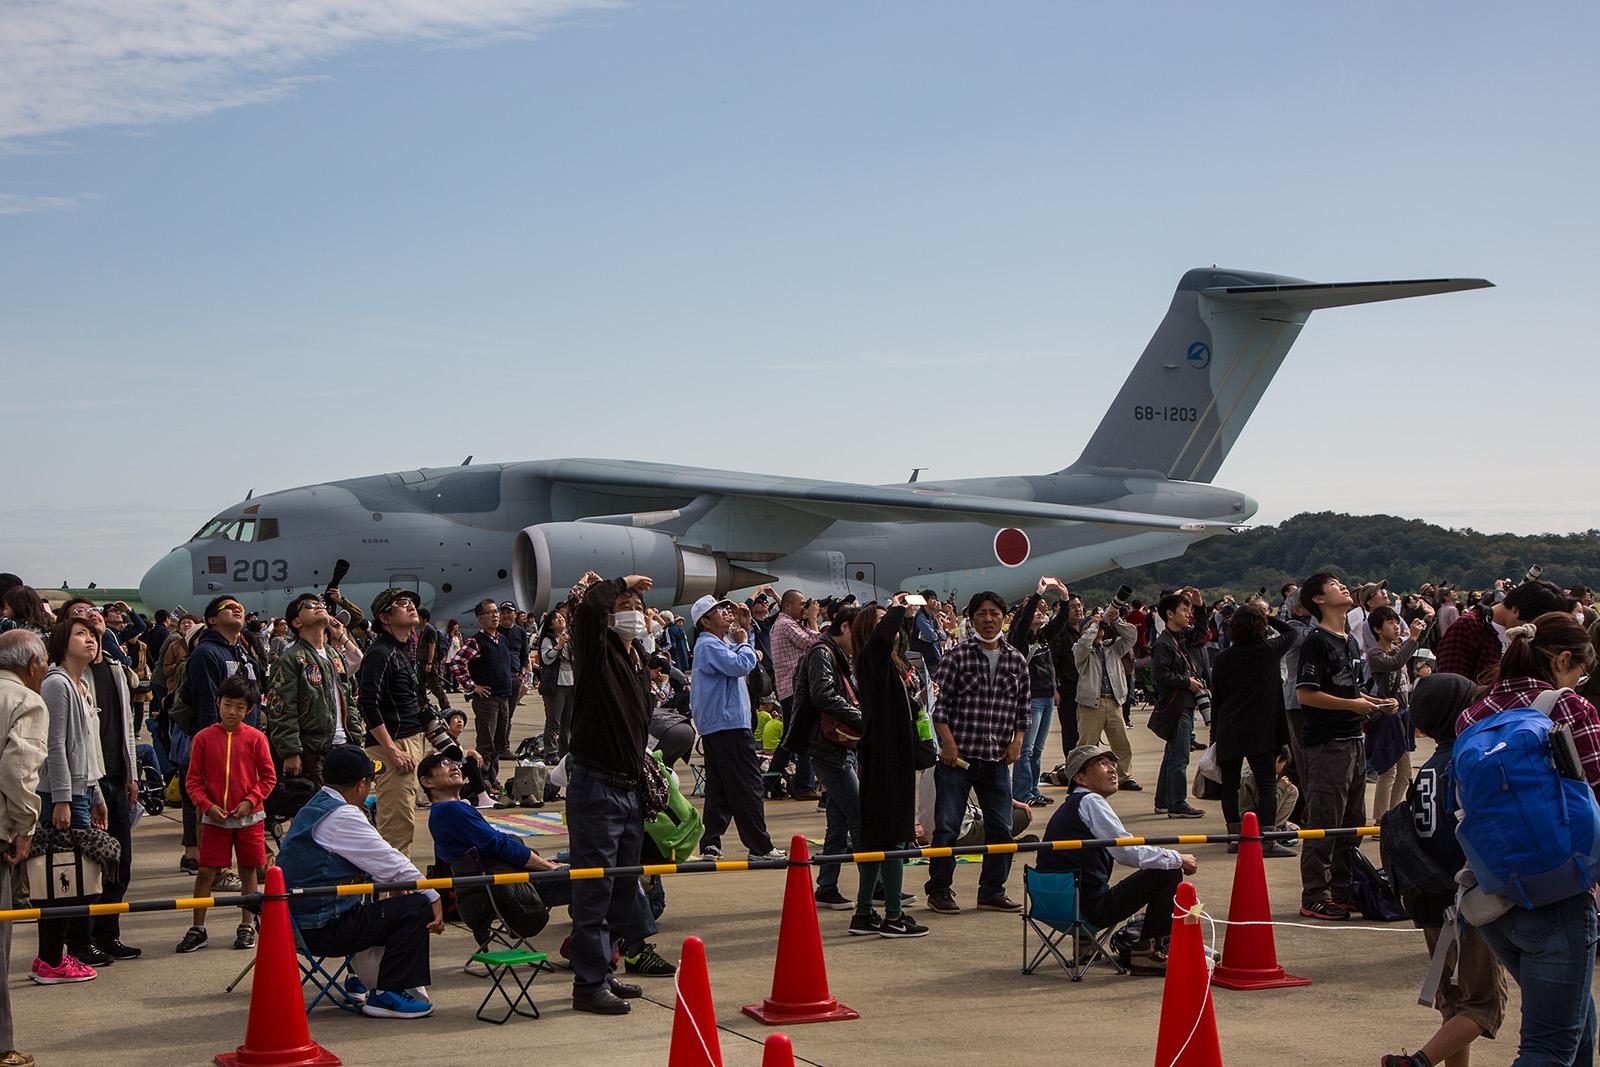 Mittlerweile sind drei Exemplare der C-2 fertig, jedoch läßt die Truppeneinführung in Miho noch auf sich warten.